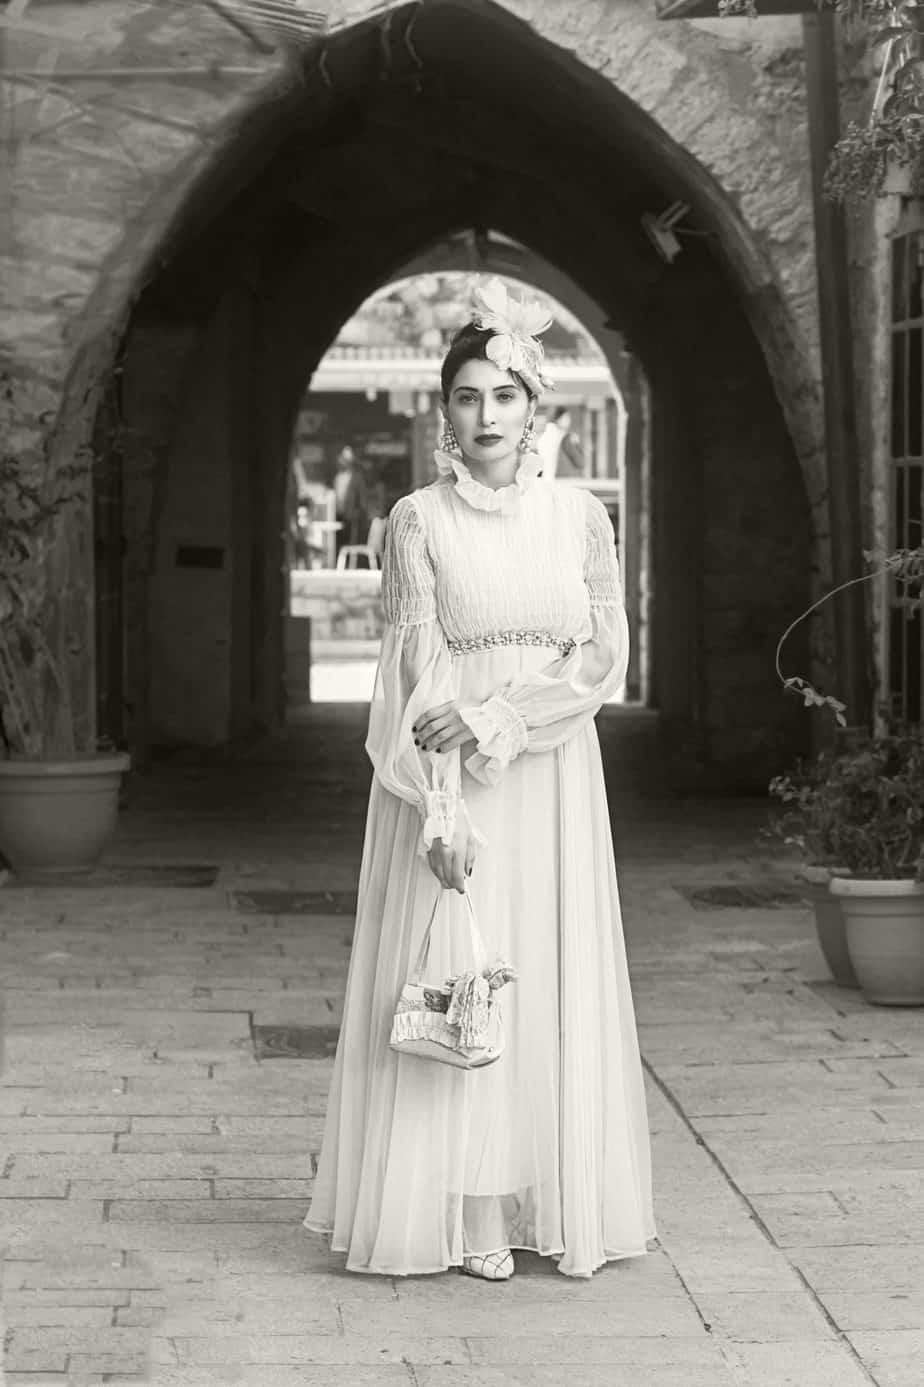 שמלה: ביאטריס מיורק.מאיה אושרי כהן, צילום: Gennadiy Tsodik